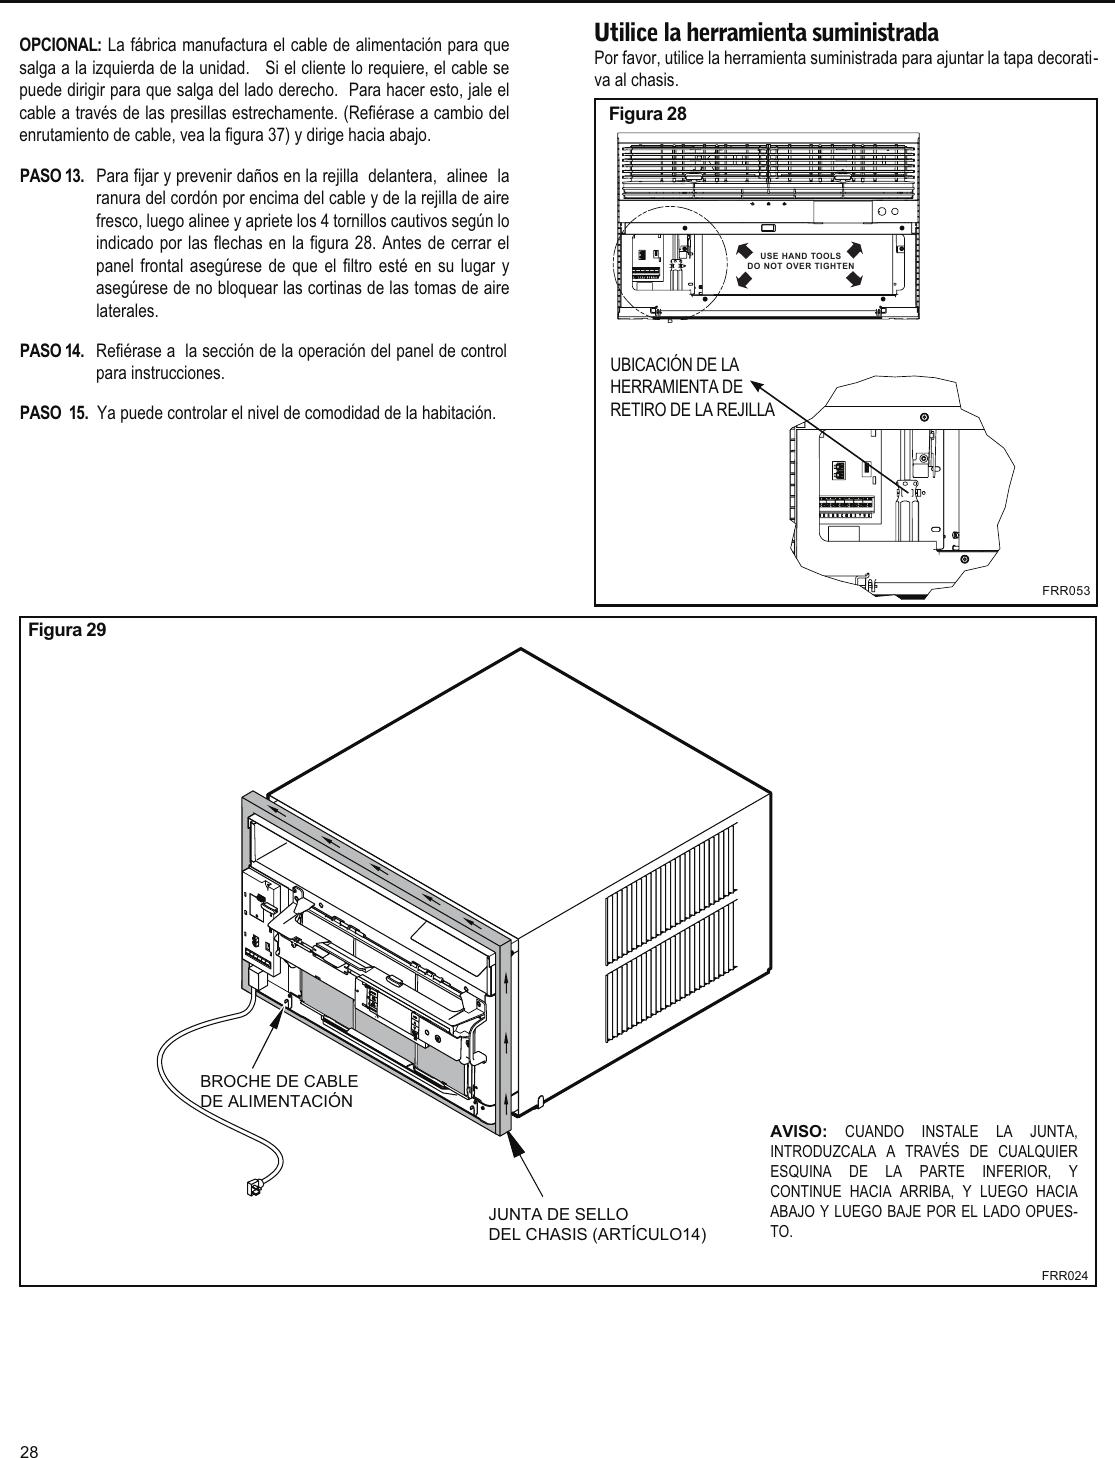 Friedrich Es12M33 Users Manual 376\377\0009\0002\0000\0001